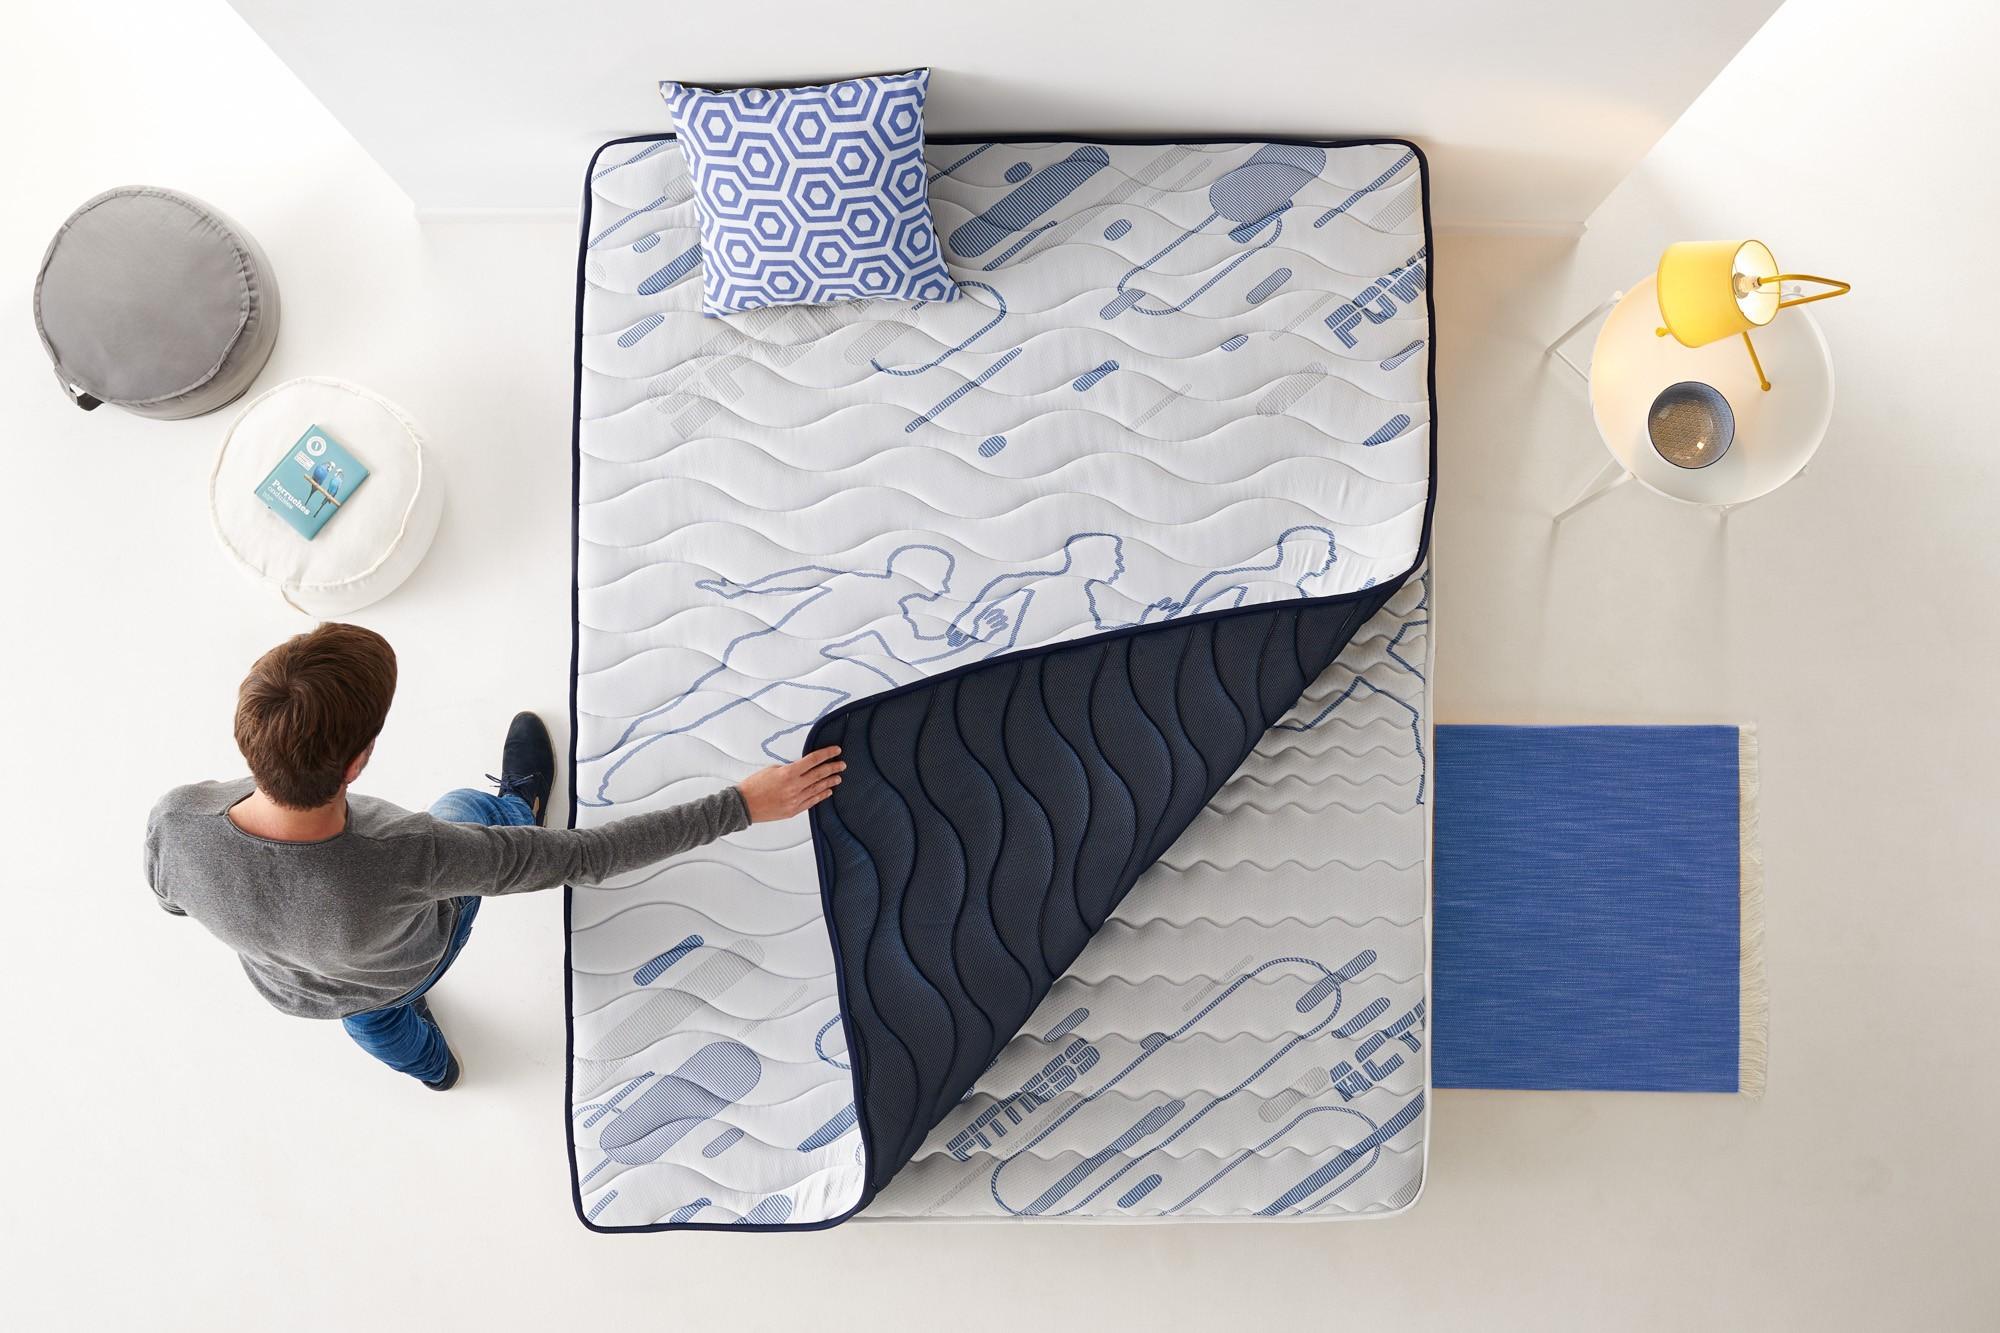 Sporty Topper   Memofresh Memory Foam For Idrettsutøvere   Cosmos sengetøy